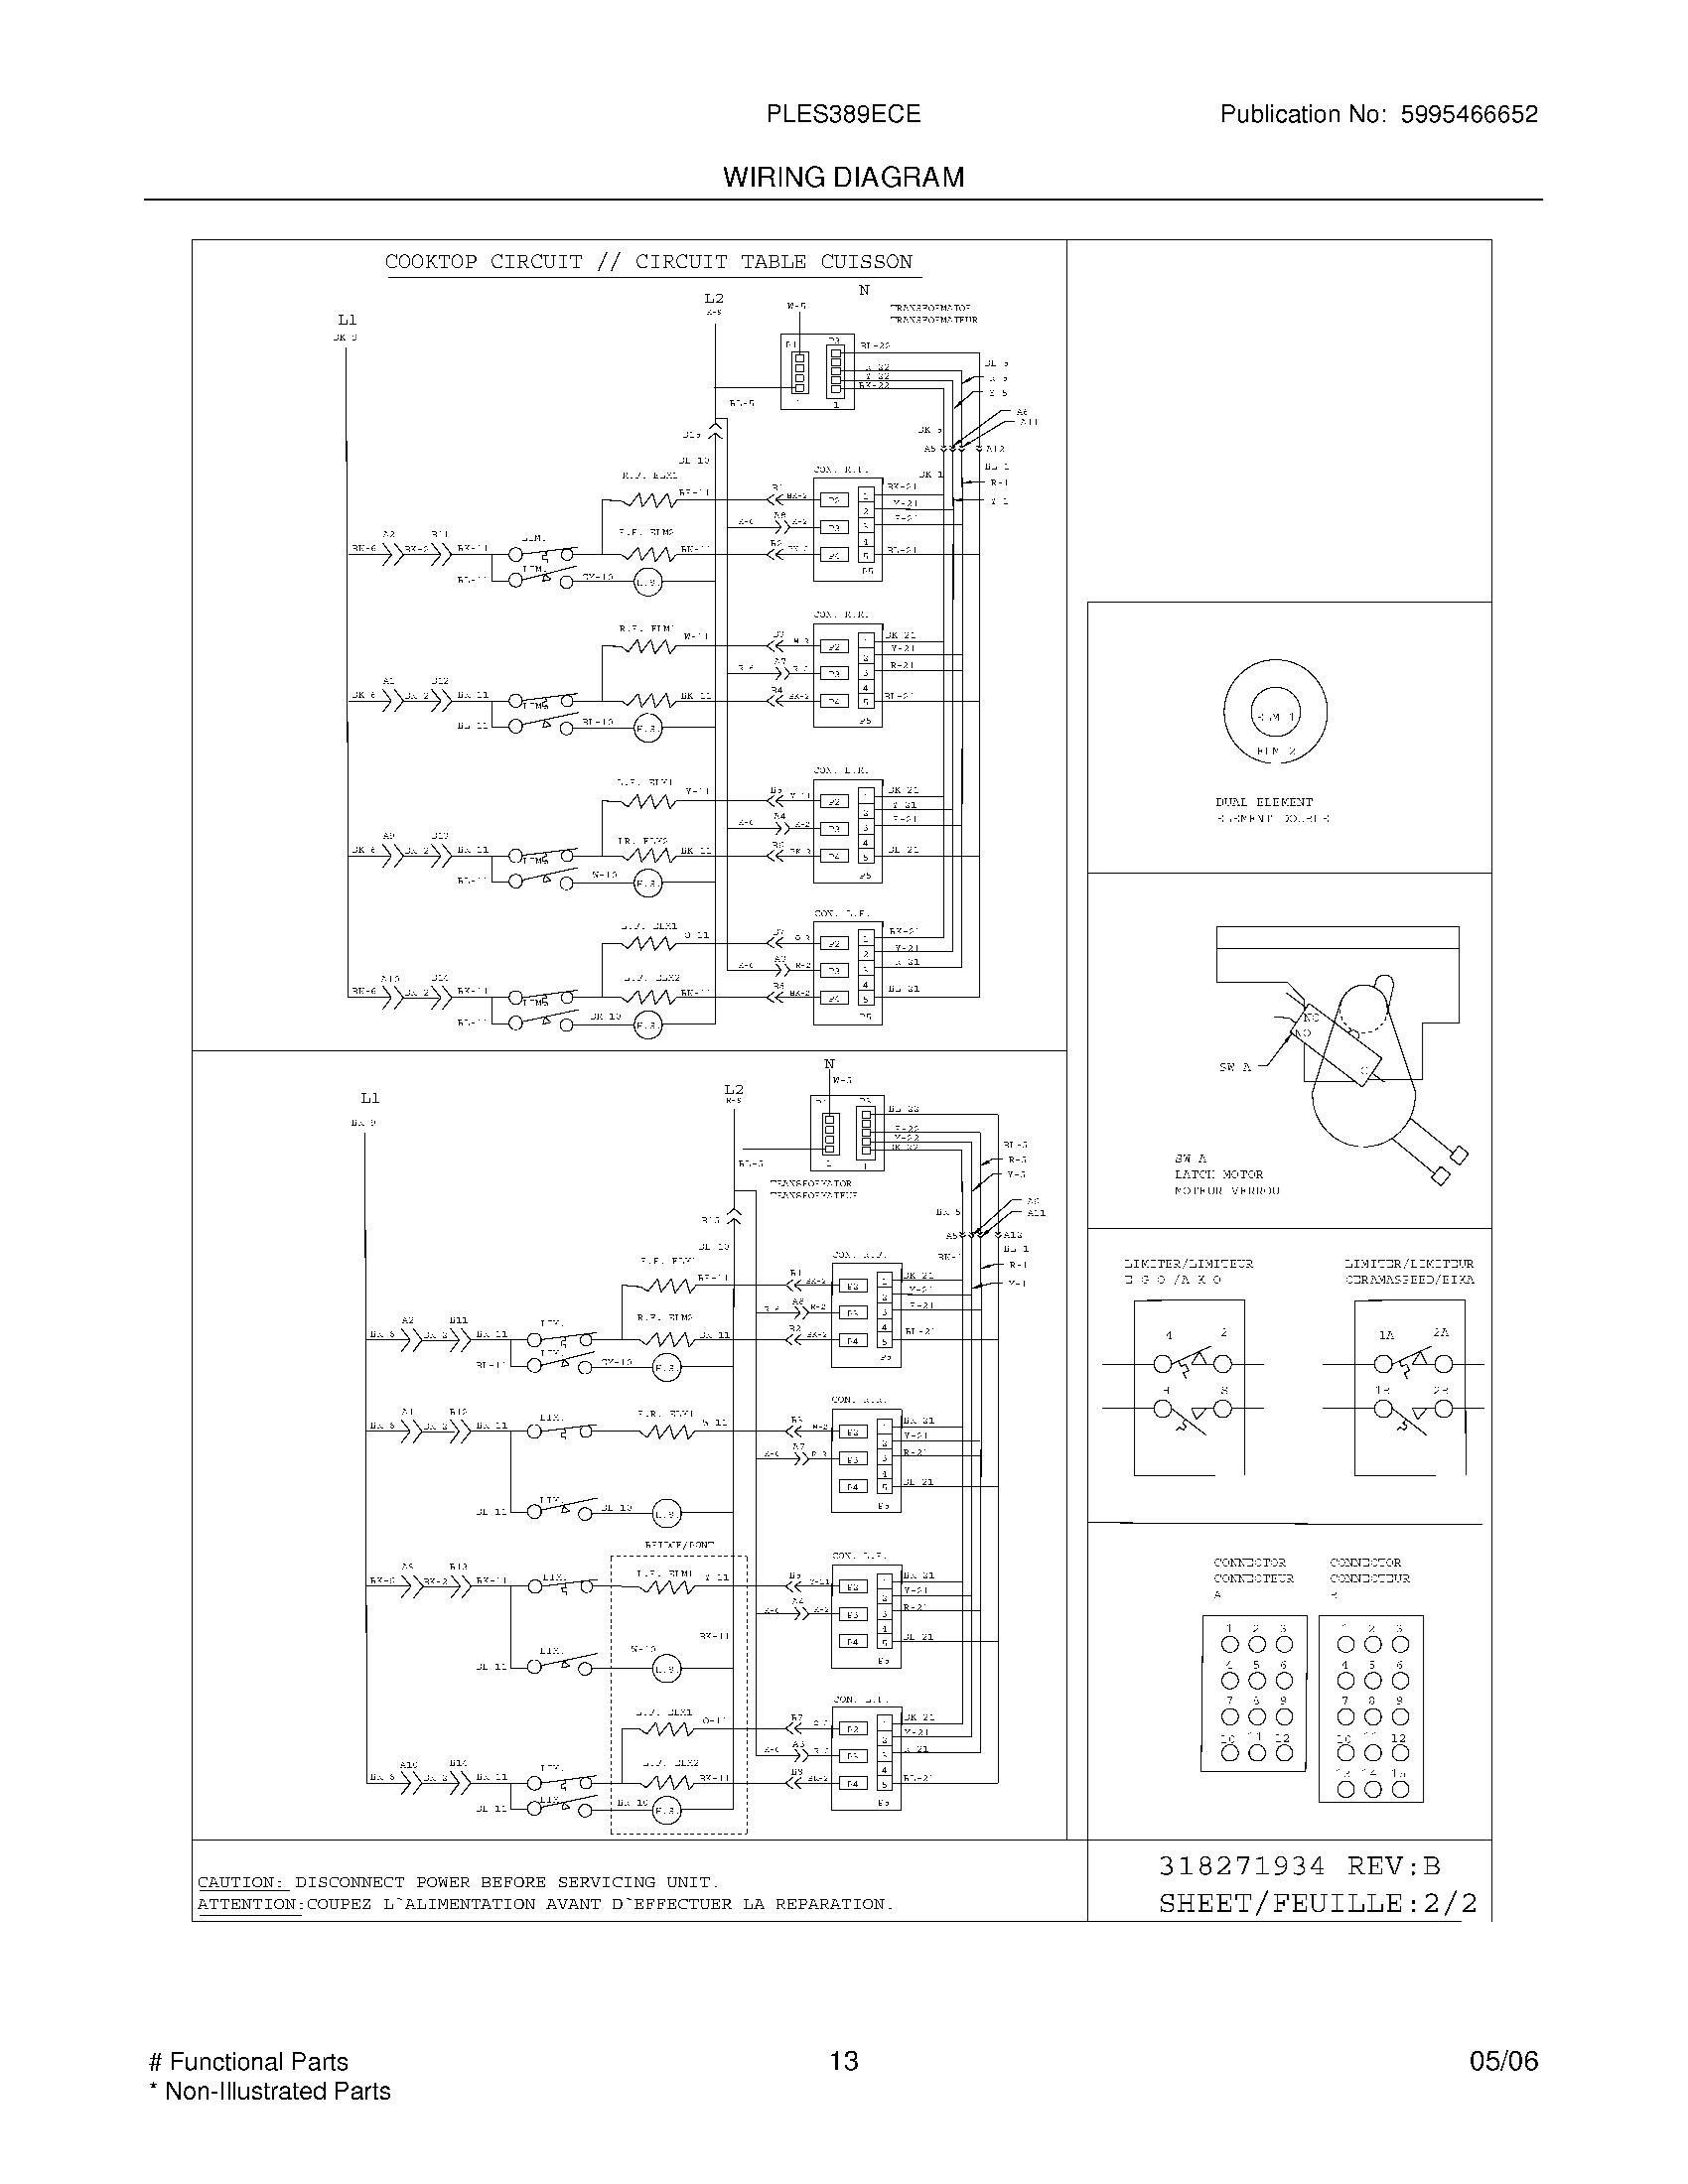 07 Top Drawer 09 Door 01 Cover 10 Wiring Schematic 11 Diagram 07top 09door 01cover 10wiring 11wiring Stone Parts Springfield Missouri 417 866 1243 Rh Stoneparts Partstoday Com